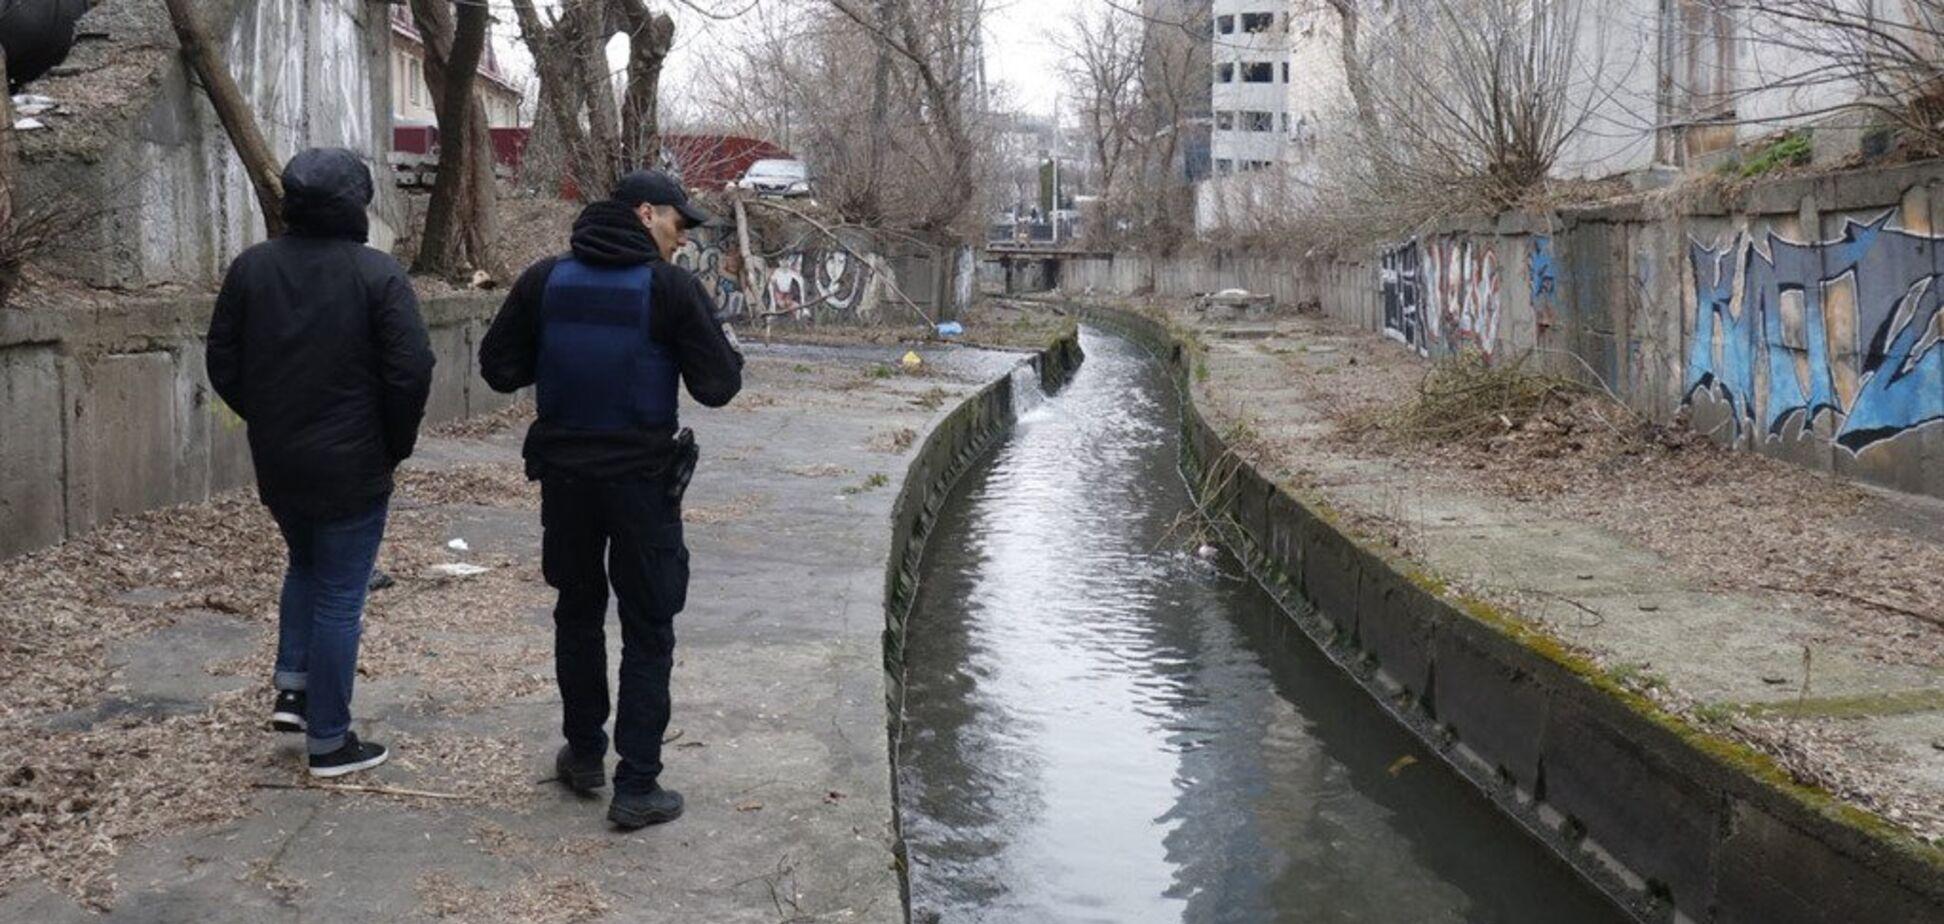 В центре Киева в реке нашли труп без штанов. Фото 18+